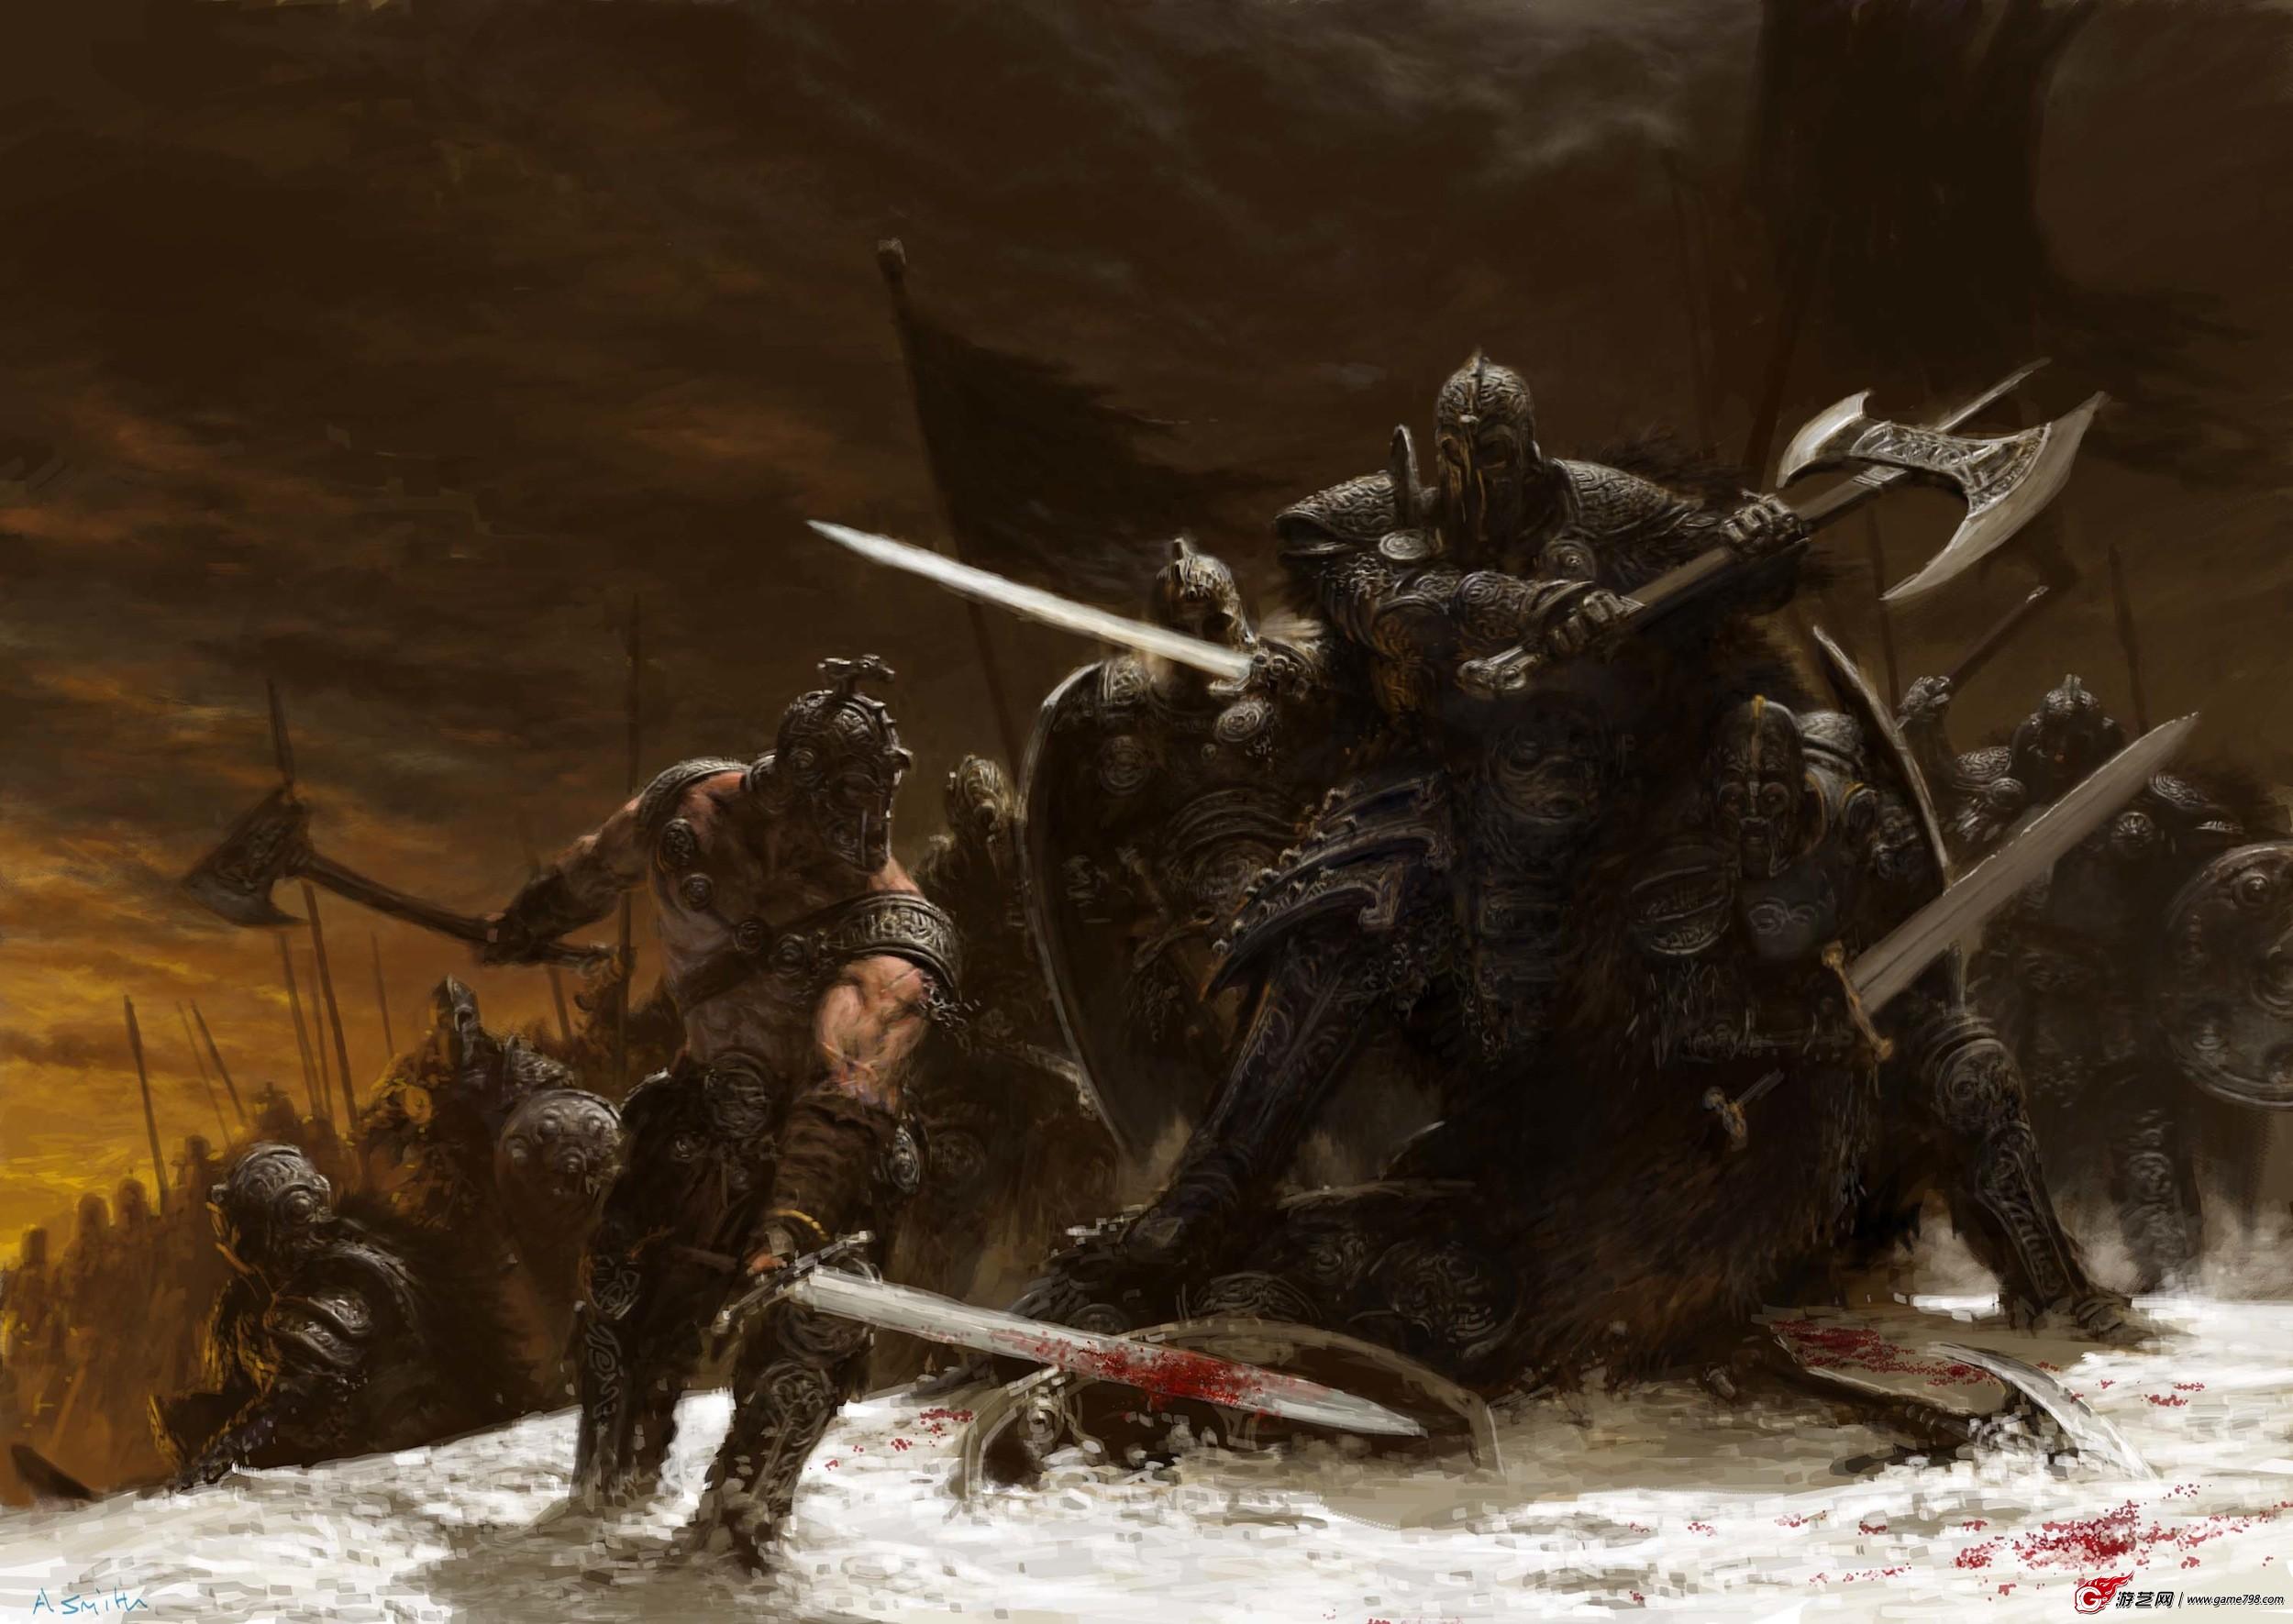 adrian-smith-fight1.jpg